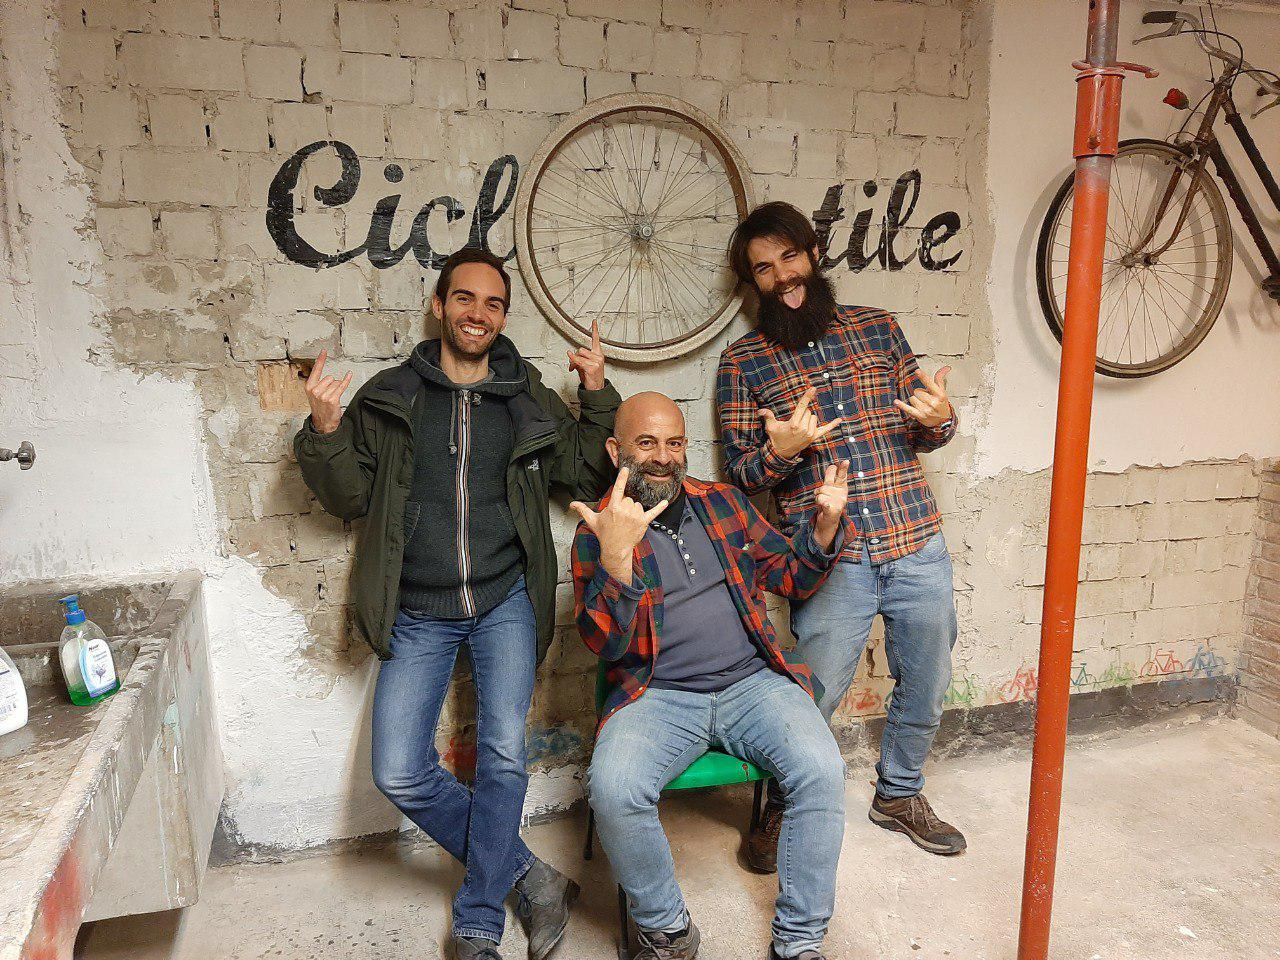 Foto di gruppo con Rotafixa il giorno dell'inaugurazione di Ciclostile, cilcofficina popolare del Centro Sociale Bruno di Trento